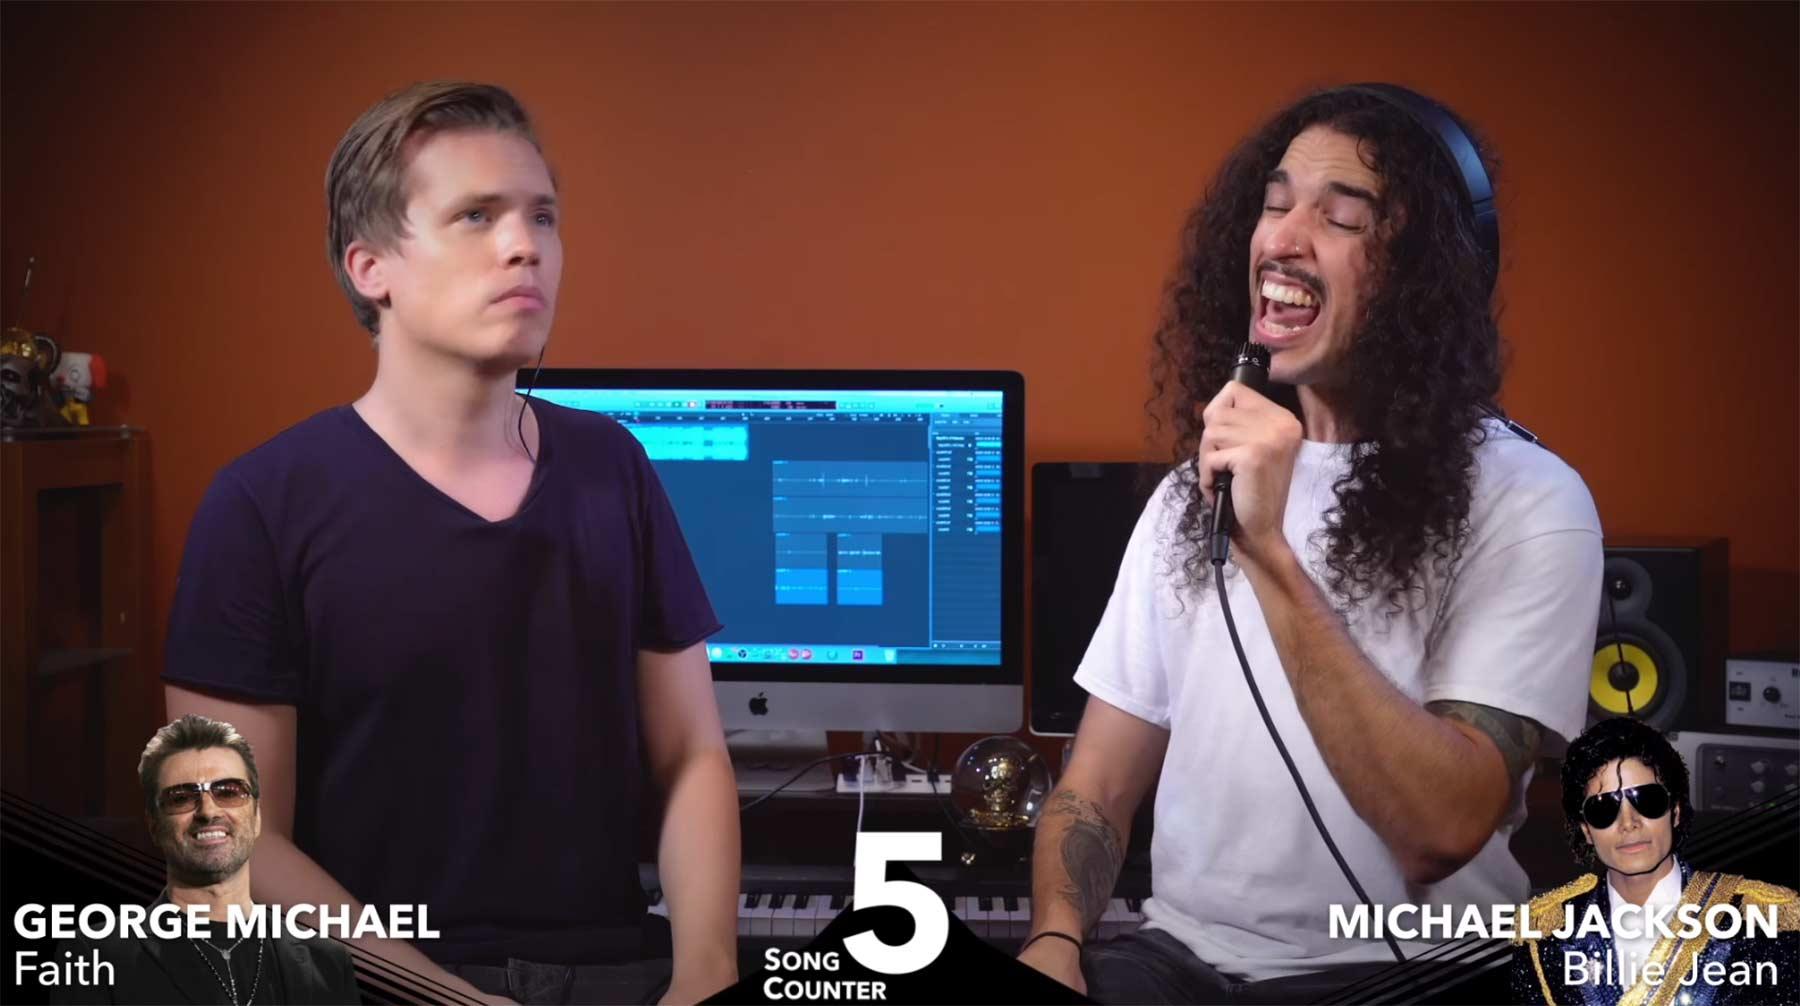 2 Guys, 25 Songs, 1 Beat 2-guys-25-songs-1-beat